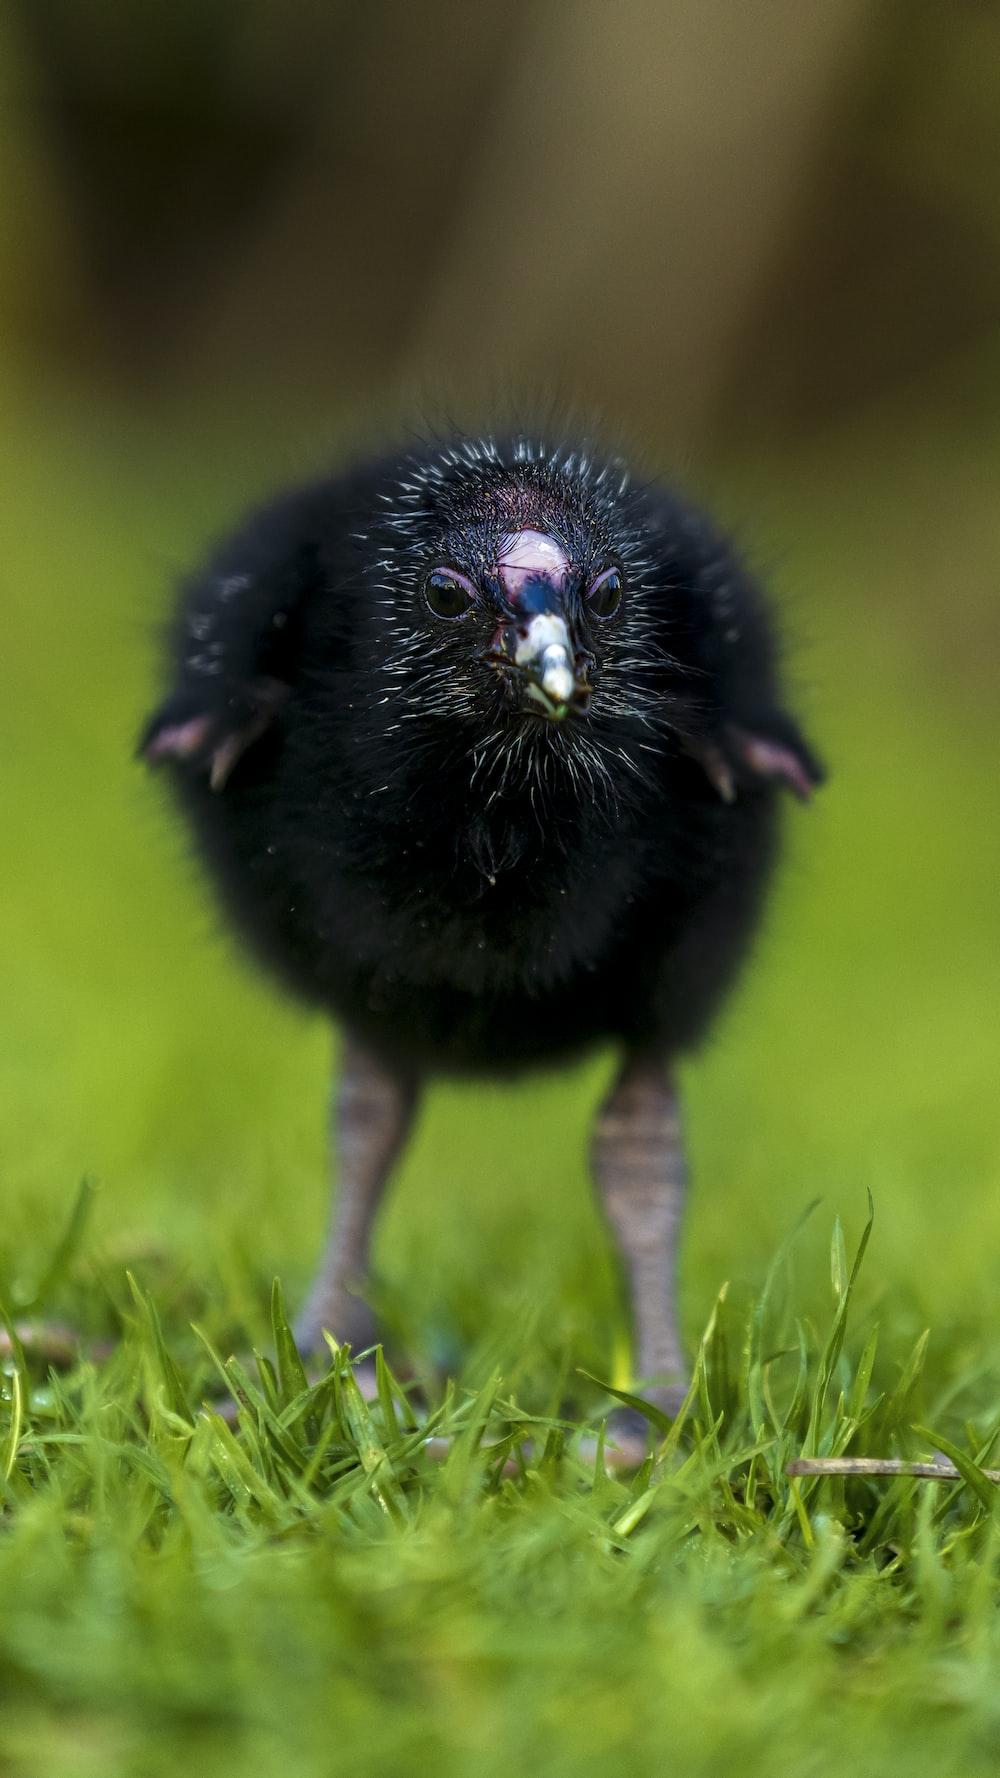 black bird on green grass during daytime